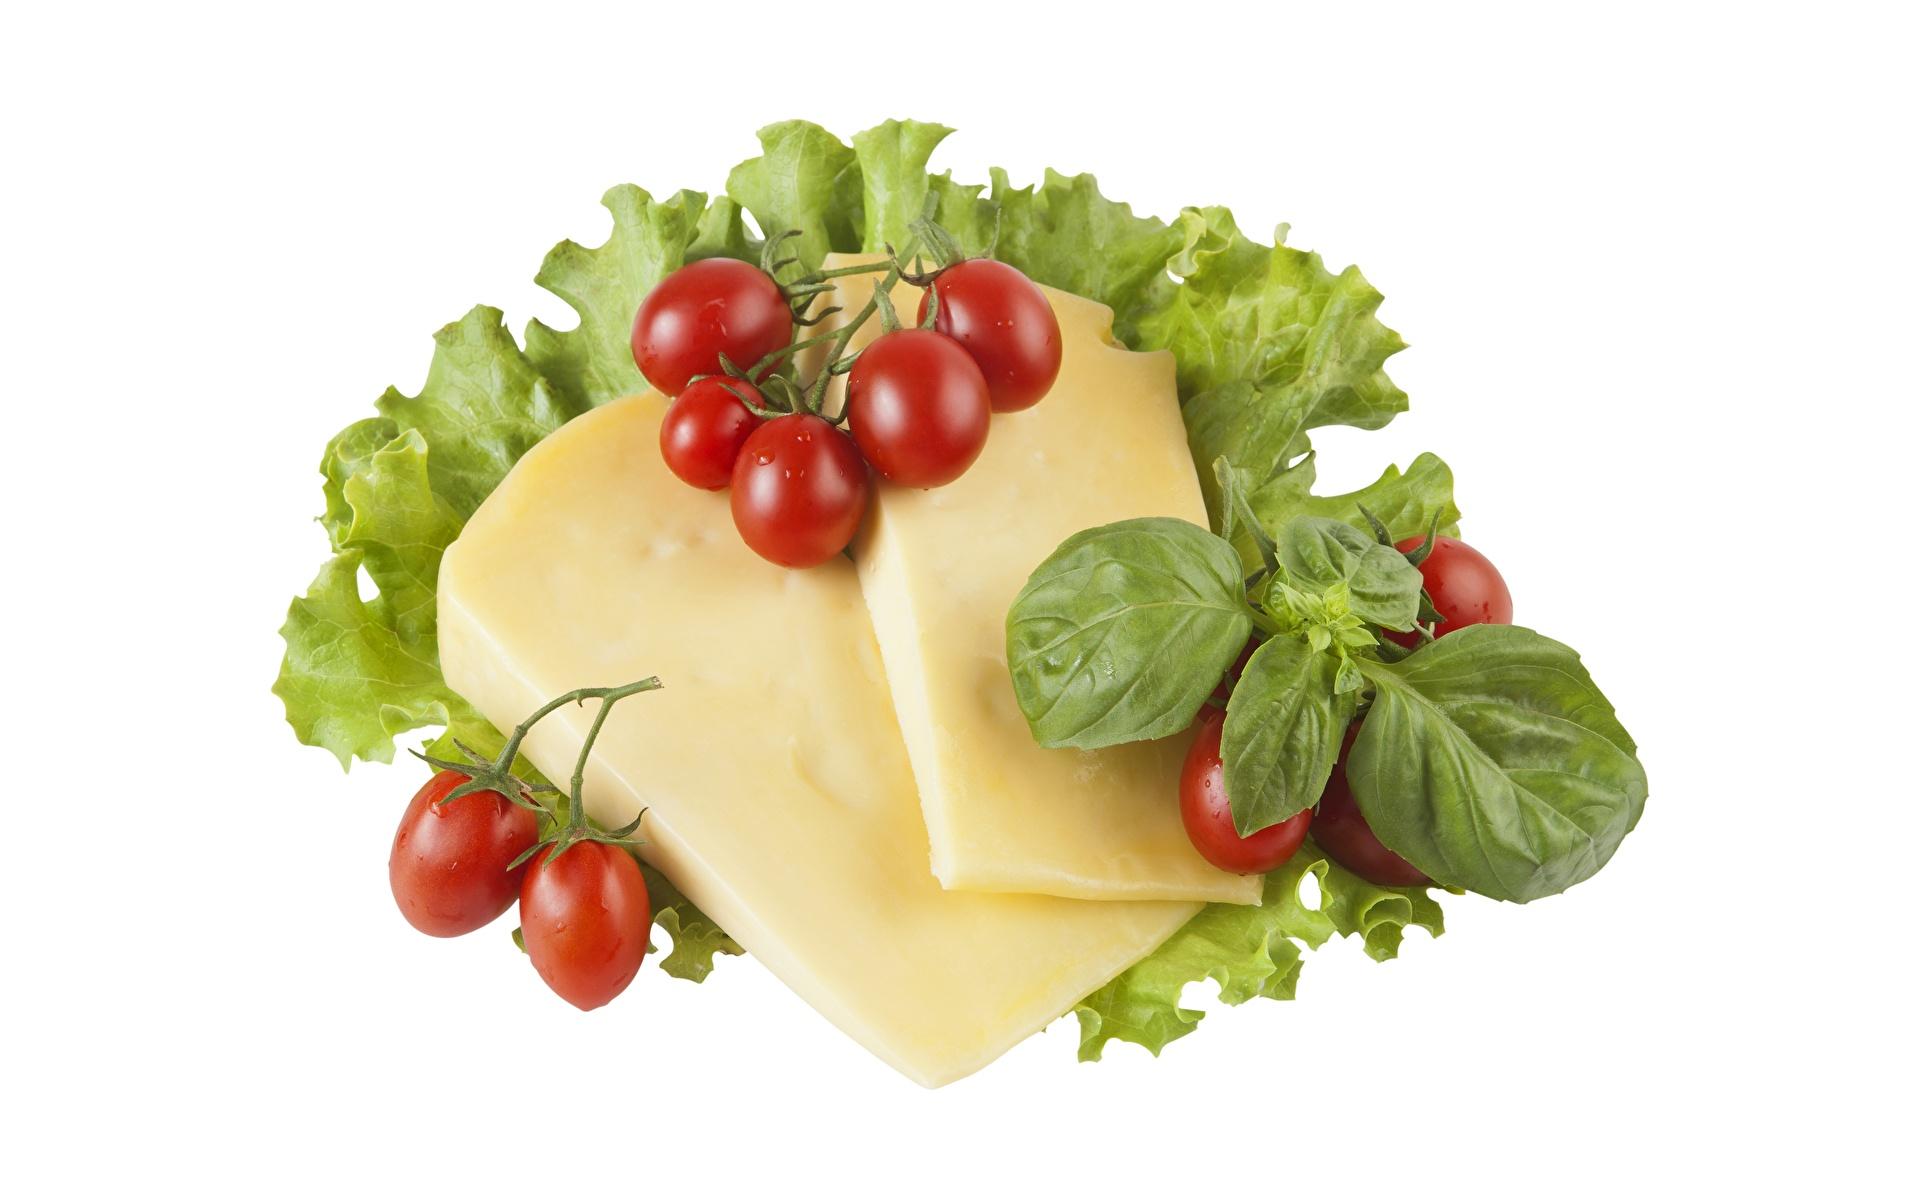 Desktop Hintergrundbilder Tomaten Käse Geschnitten Lebensmittel Weißer hintergrund 1920x1200 Tomate das Essen geschnittene geschnittenes